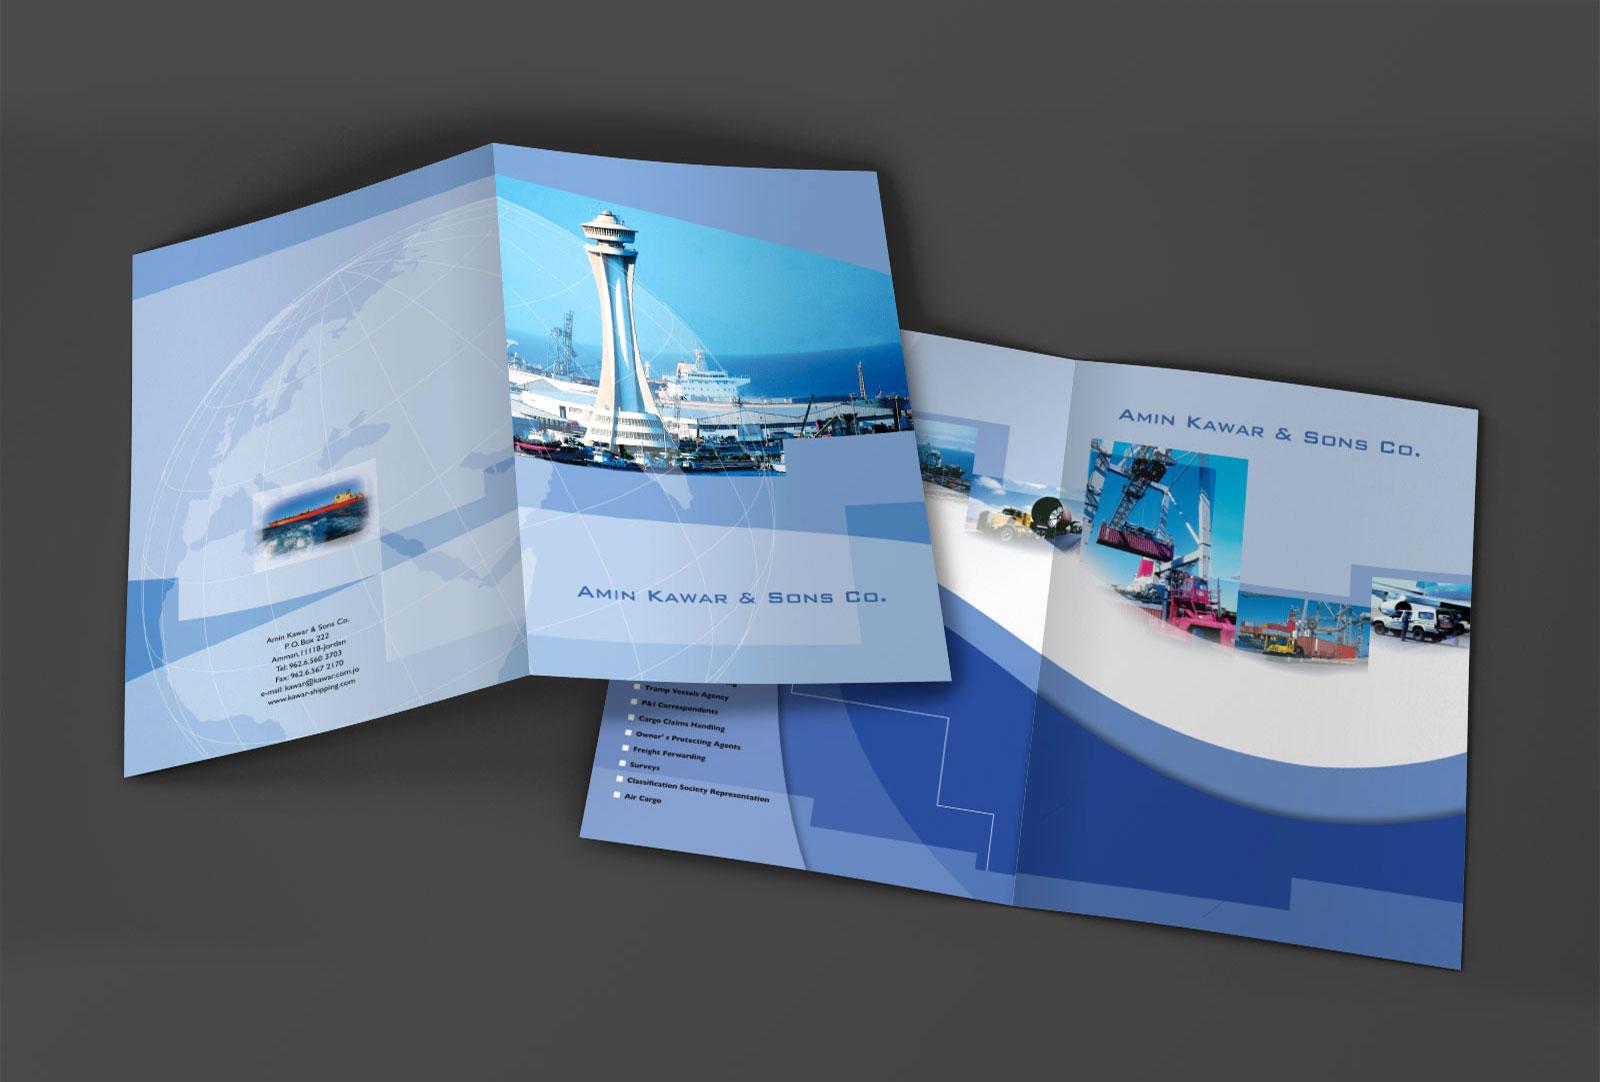 Amin Kawar folder design by Creations